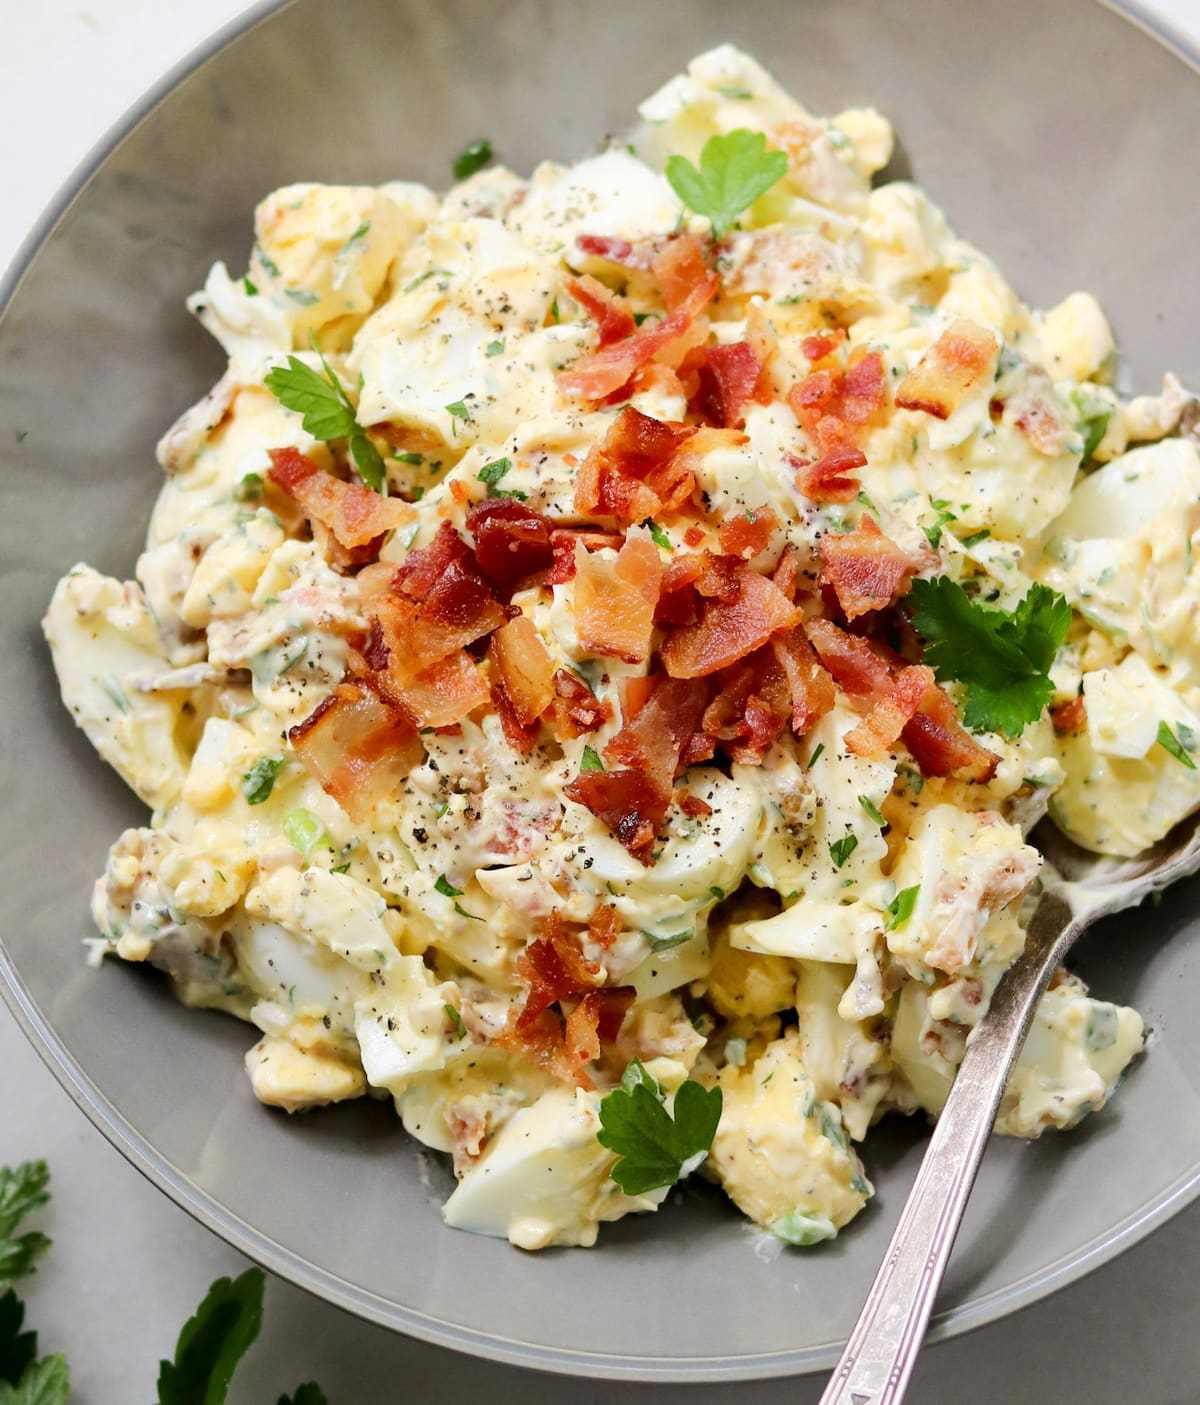 Keto Egg Salad with Bacon